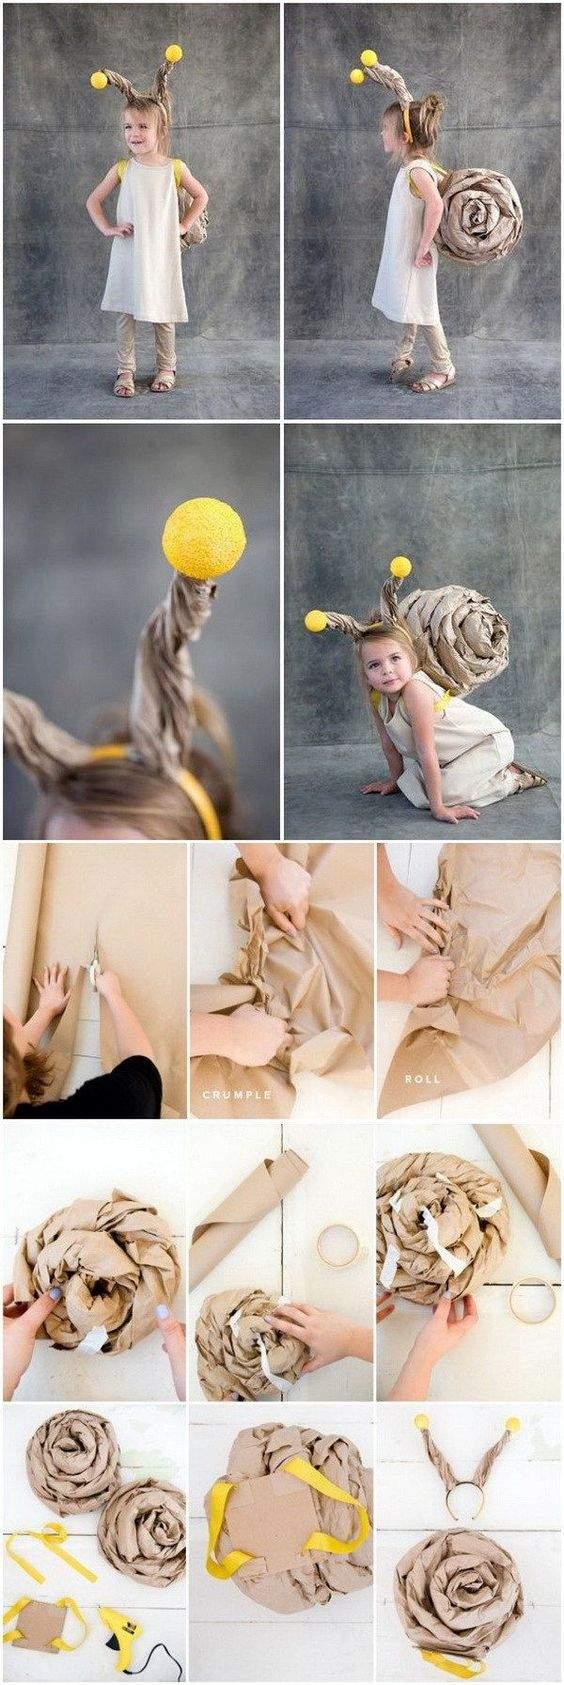 карнавальные костюмы для малышей фото 27